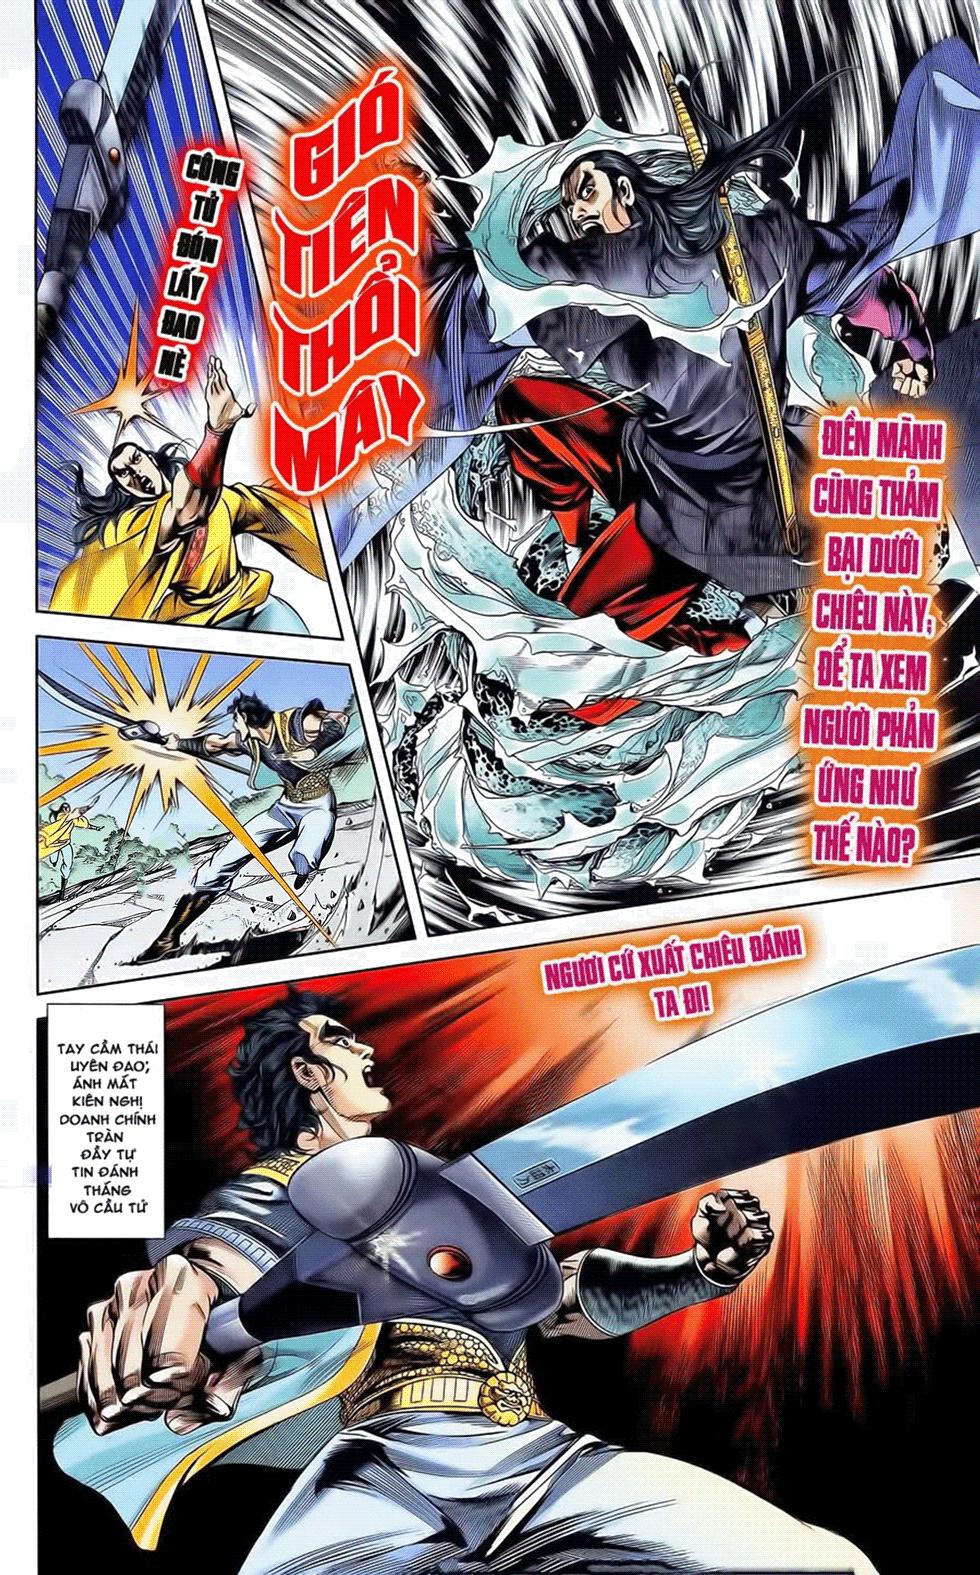 Tần Vương Doanh Chính chapter 20 trang 17